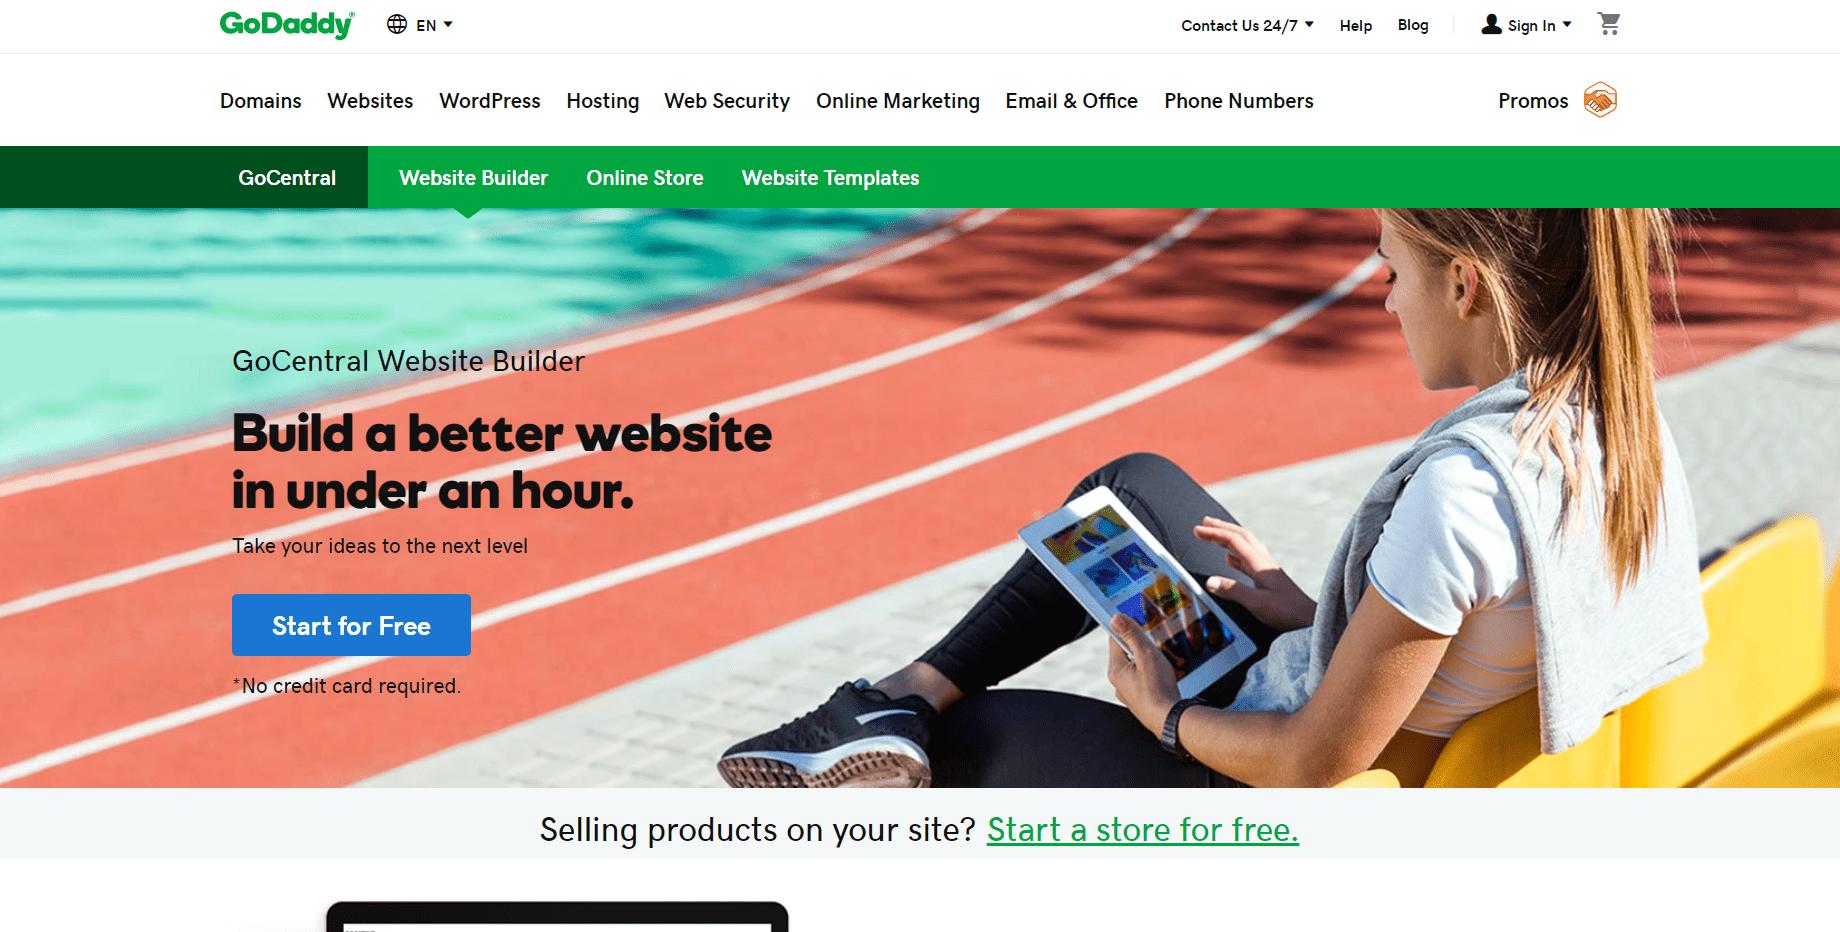 GoDaddy Website Builder Pricing 2021 – Avoid Hidden Costs